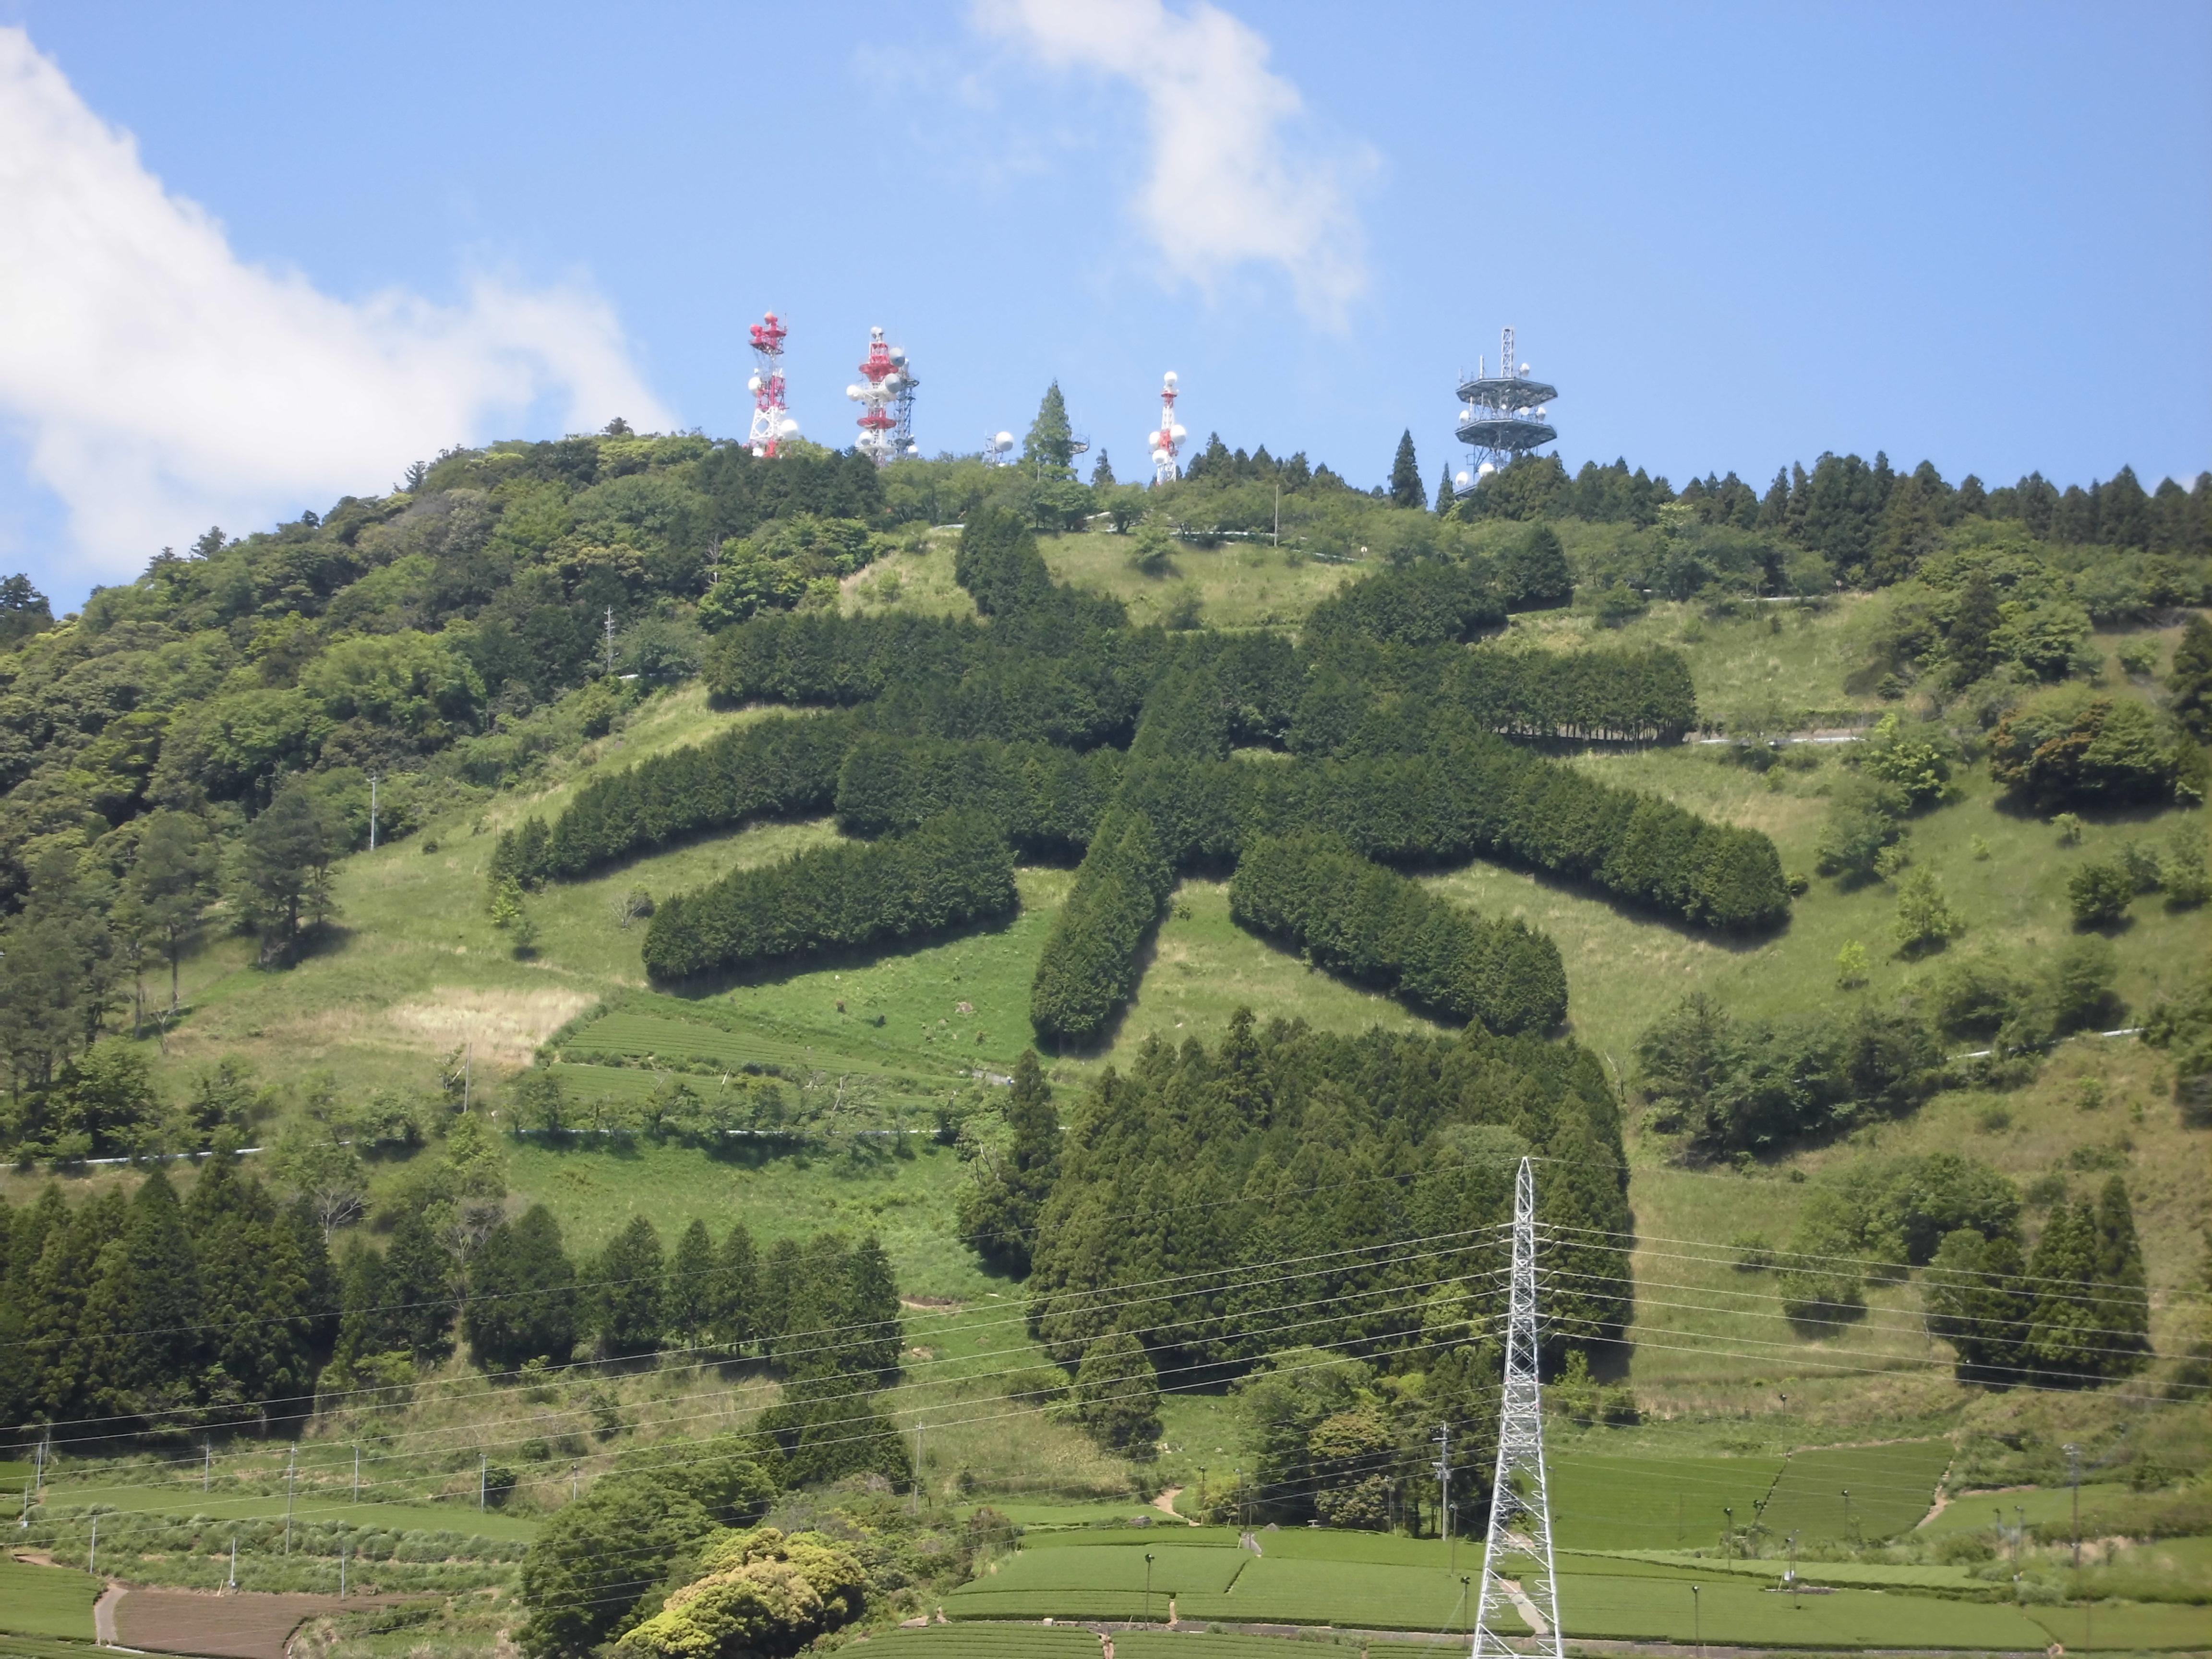 親父、真面目に草刈りしてたらこの場所が世界農業遺産になったよ【掛川市東山~粟ヶ岳~に行ってきました。by-VEGETAPSY】